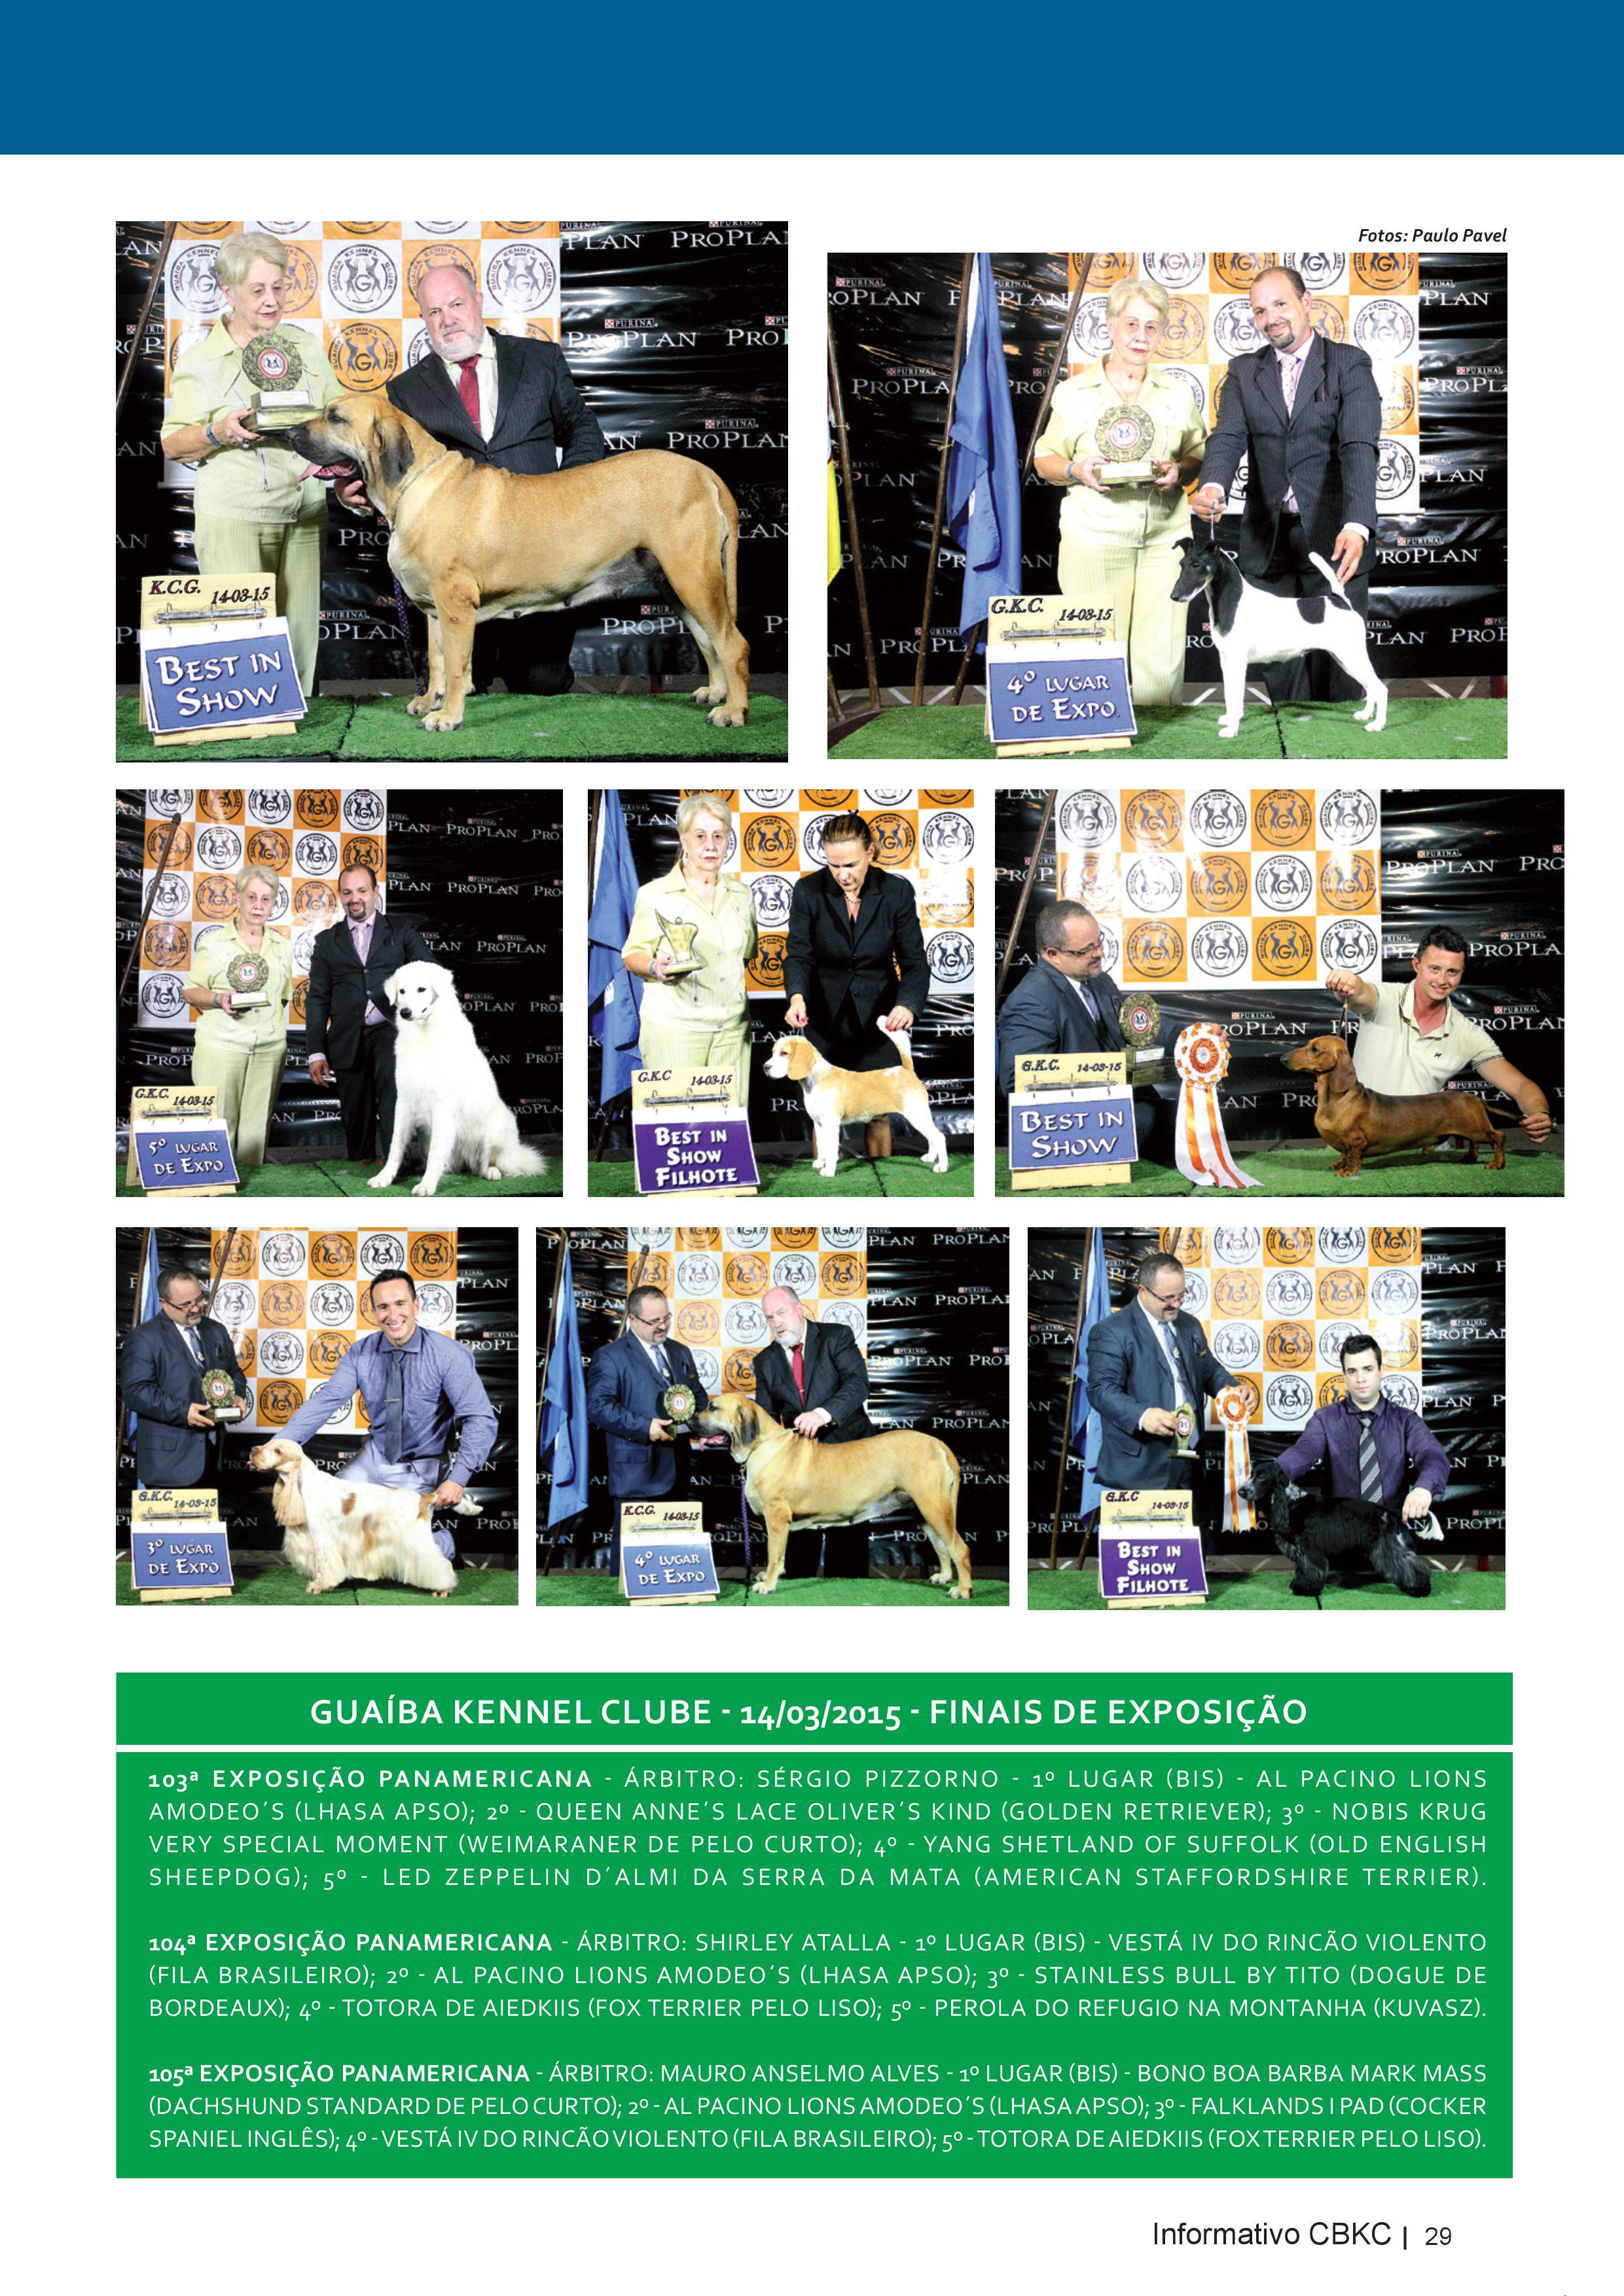 Pagina 29| Edição 50 do Informativo CBKC